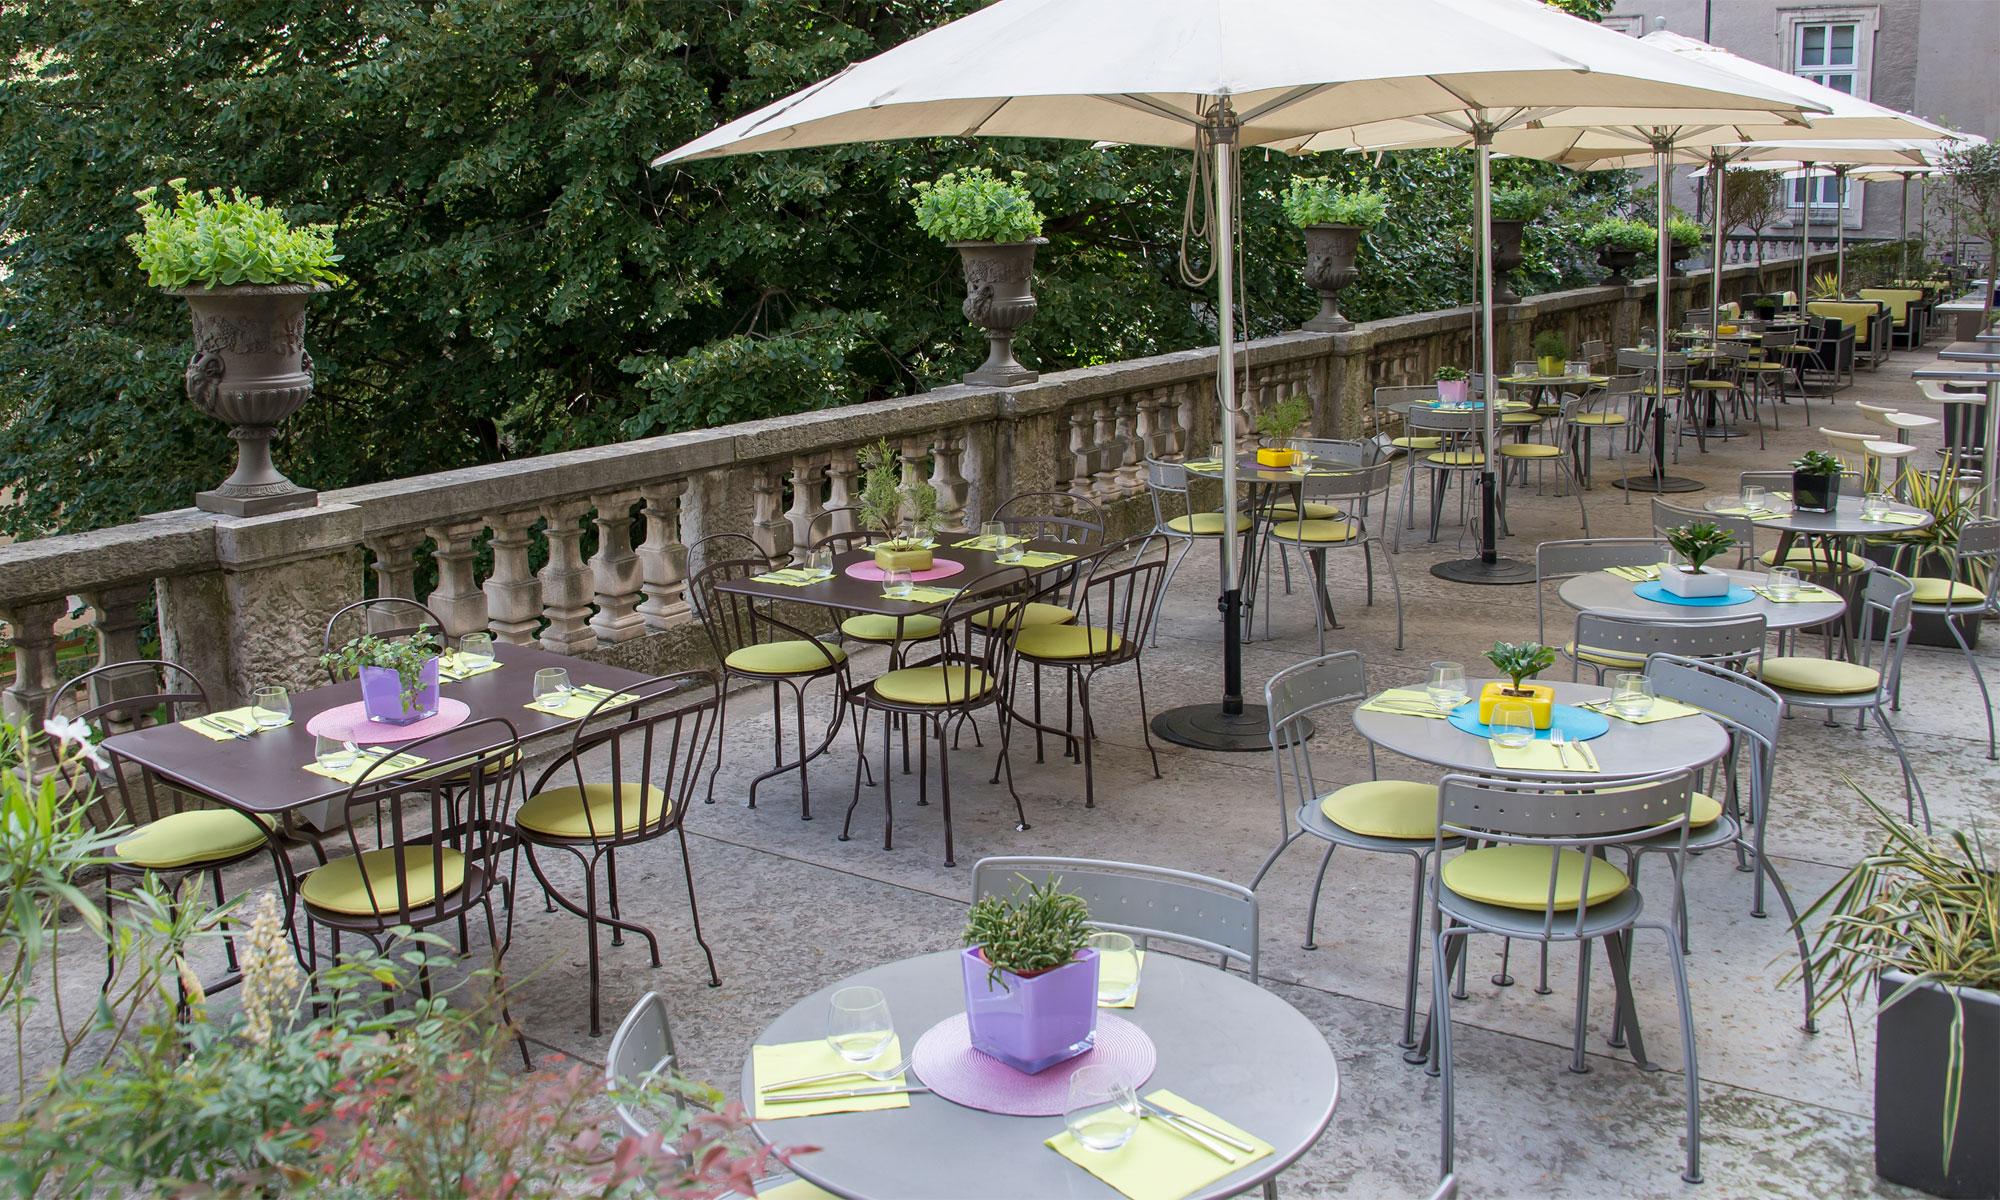 Terrasse saint pierre restaurants caf s - Restaurant tout le monde a table lyon ...